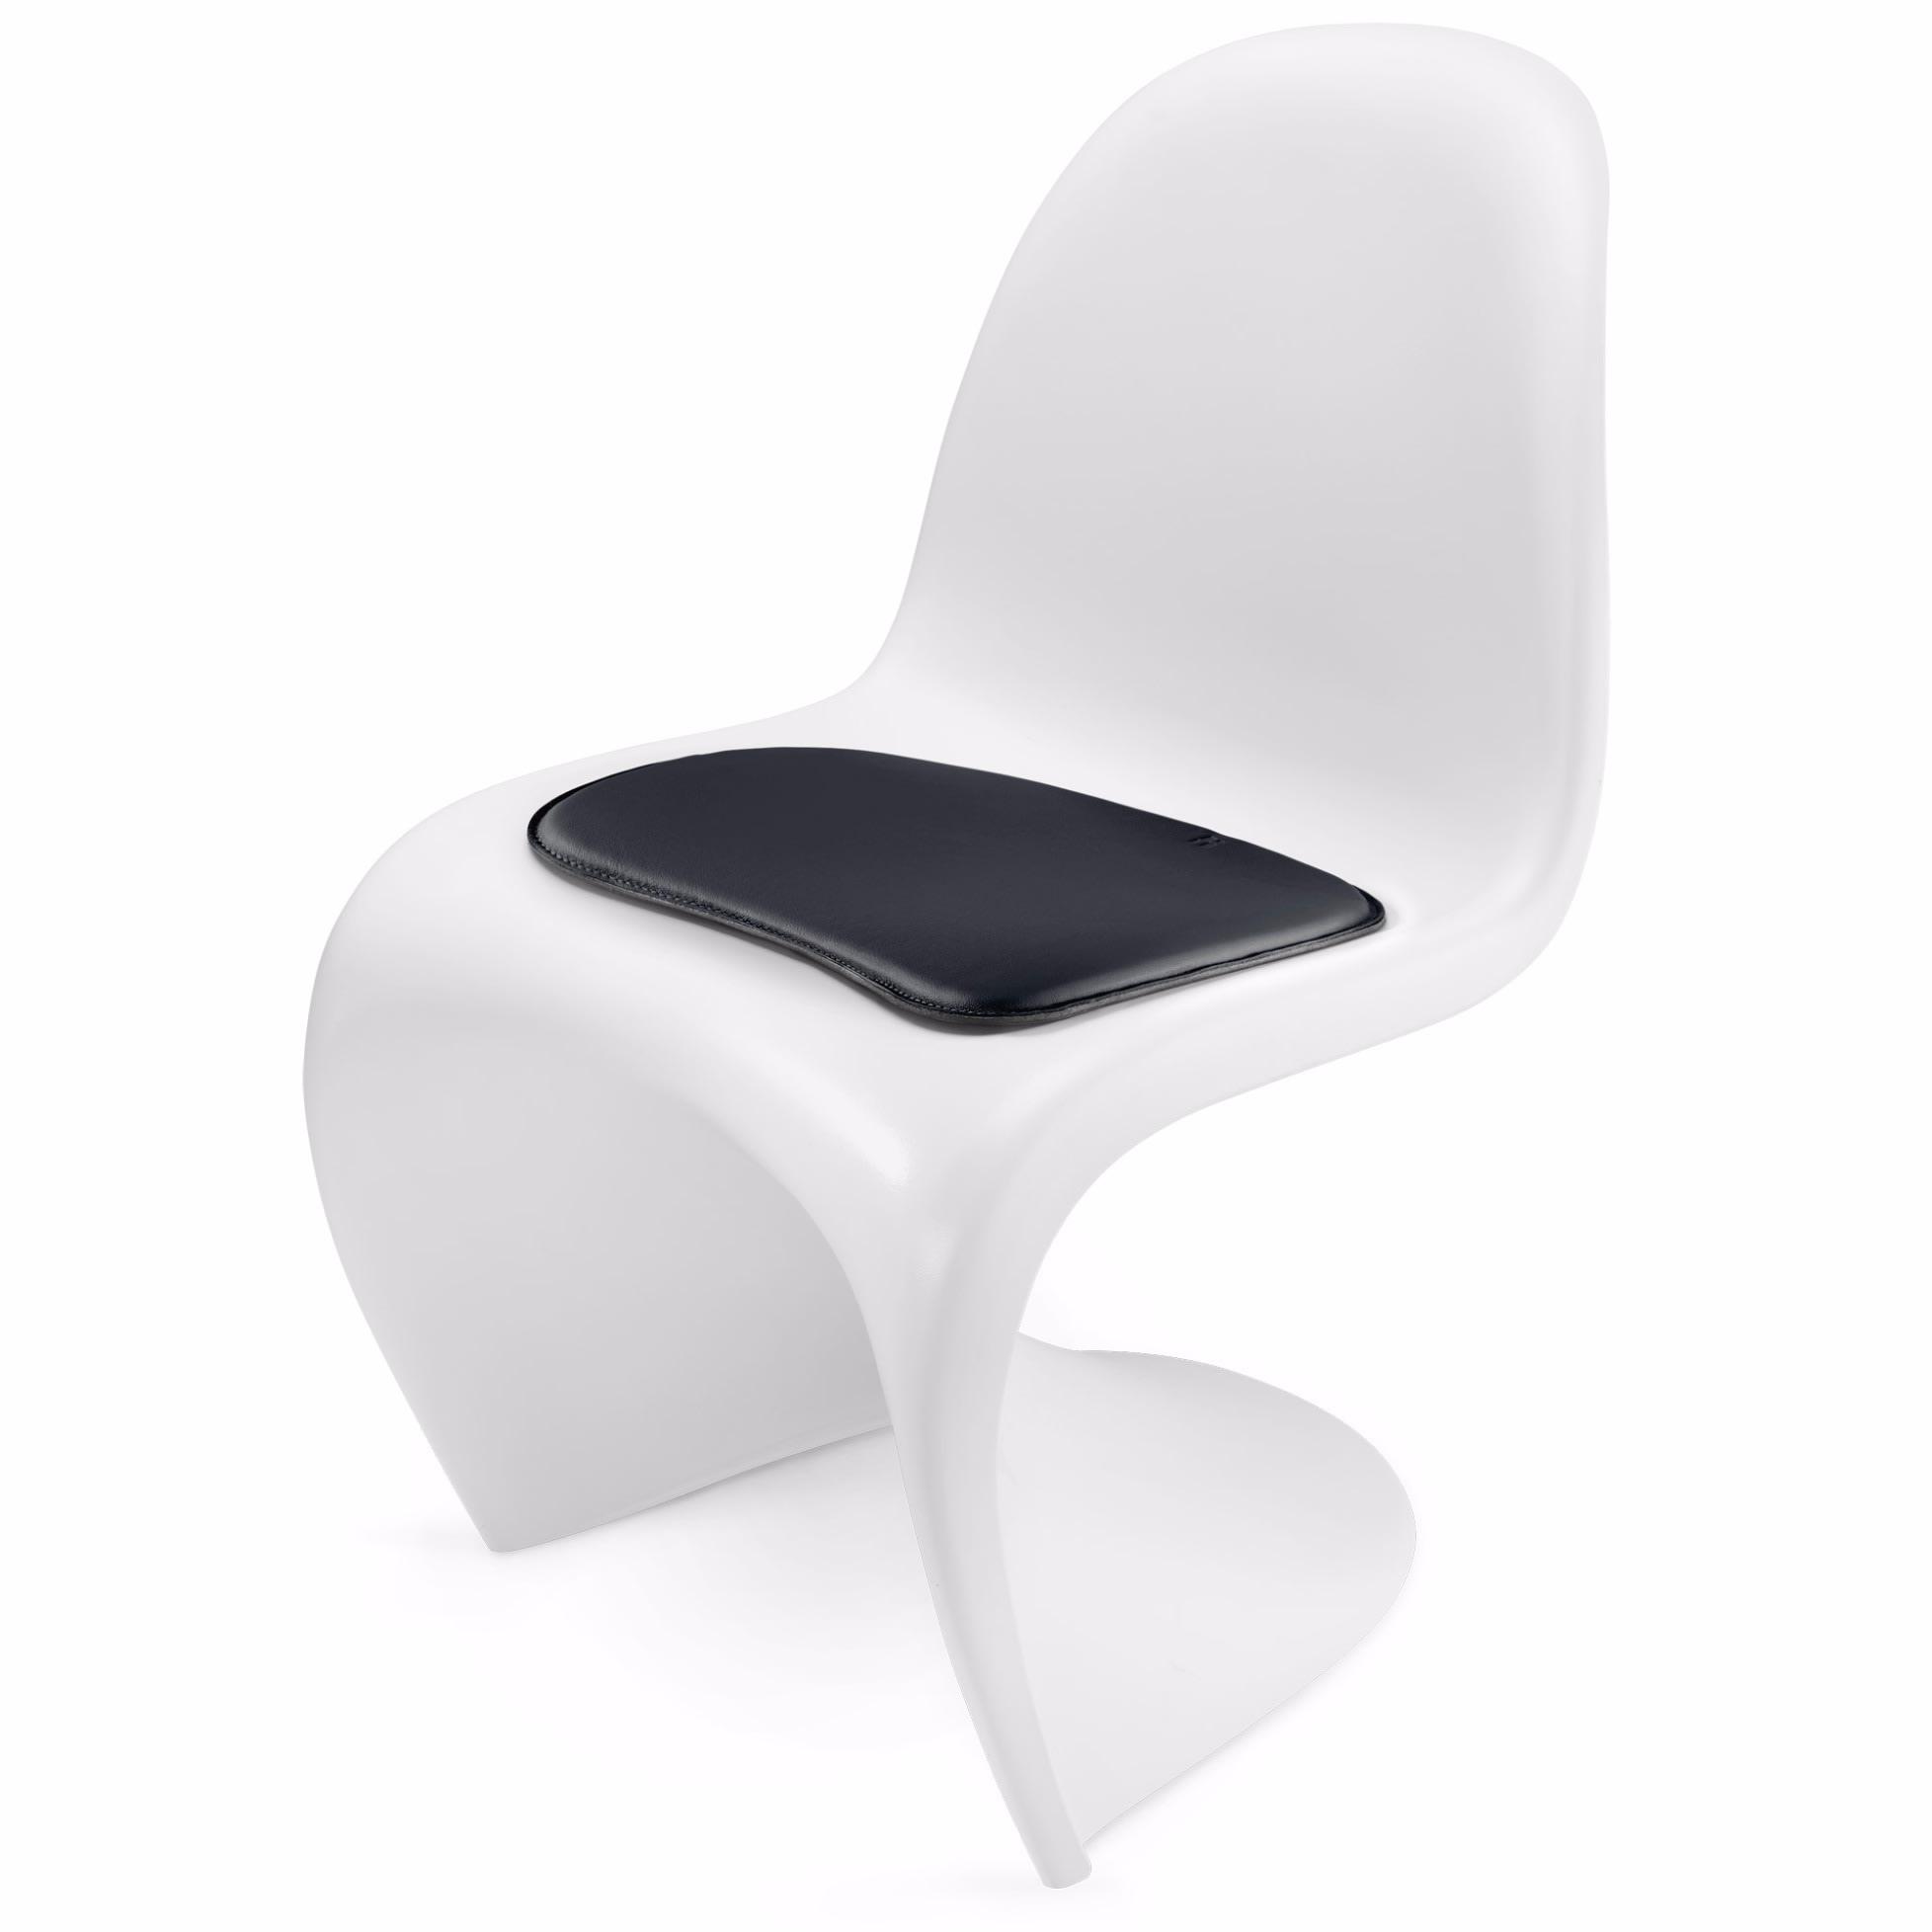 Leder-Sitzkissen für Panton Chair von Hillmann Living